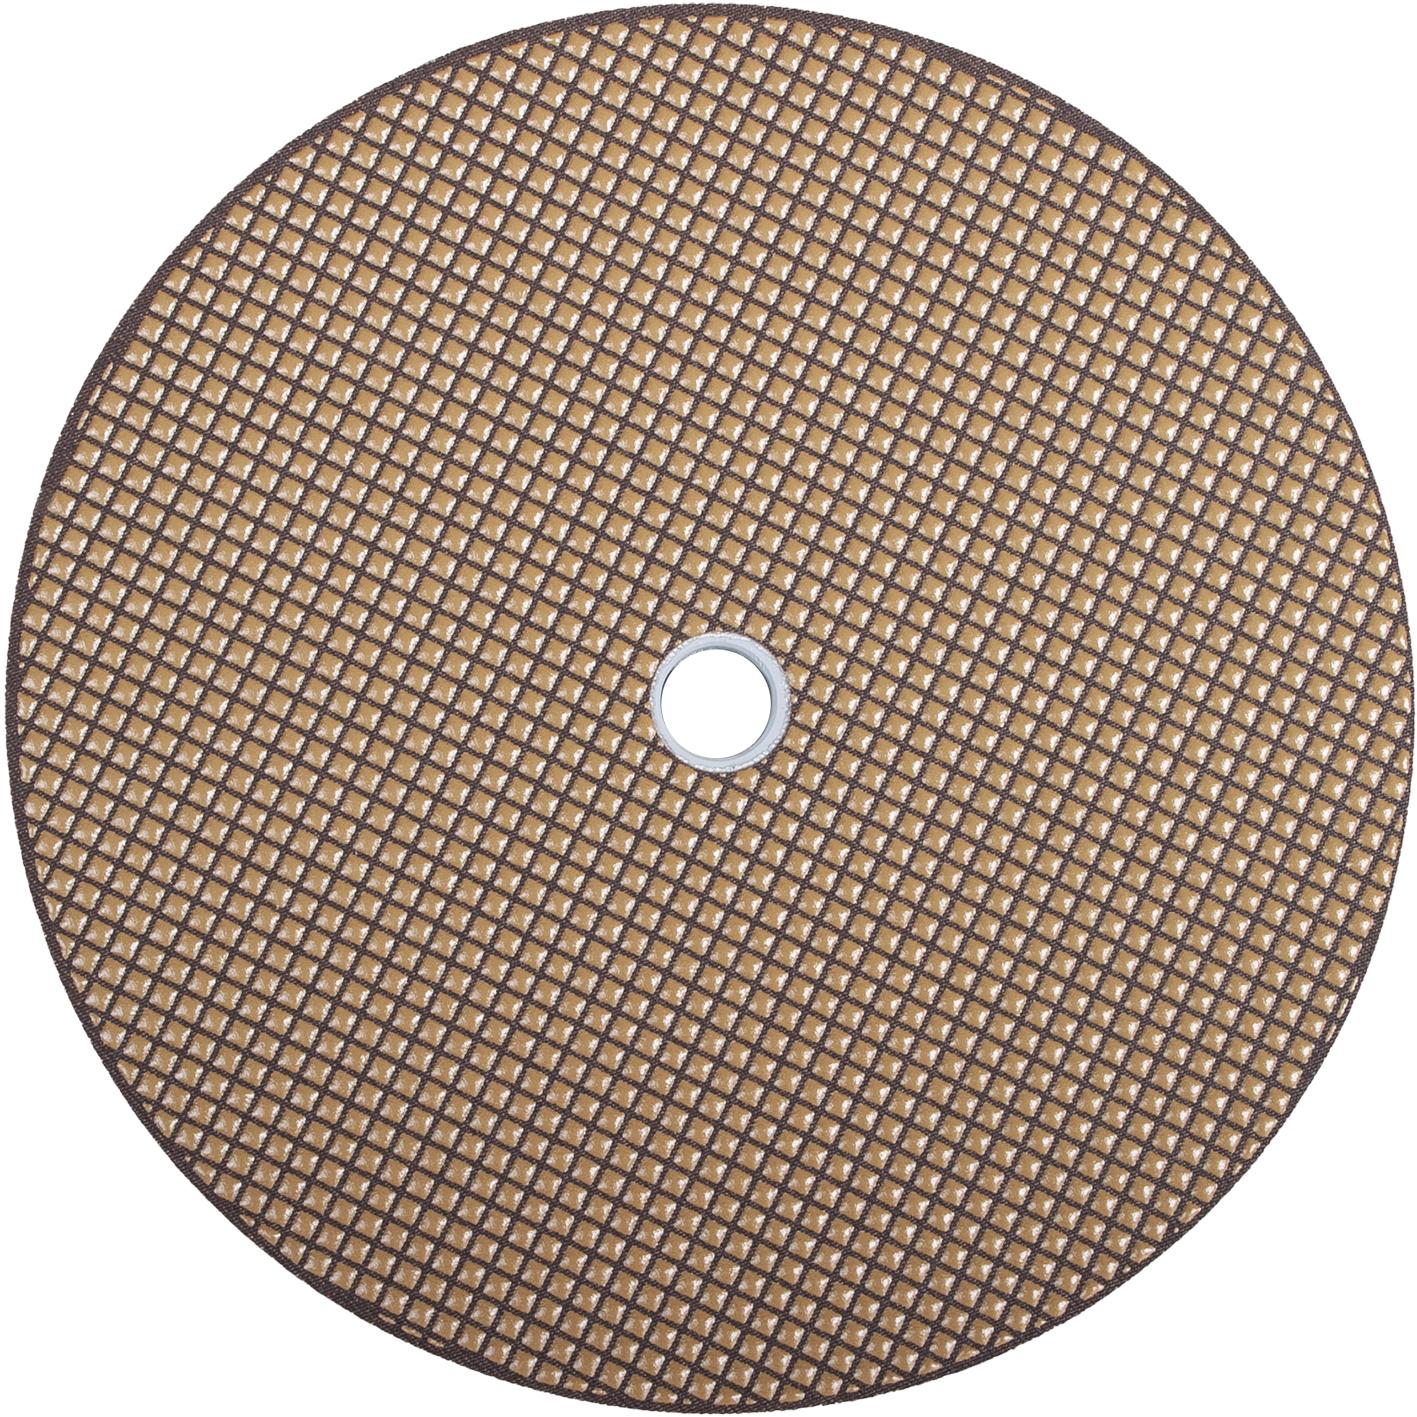 Diamantschleifteller OCTRON ø 250 mm   Klett   Korn 1500